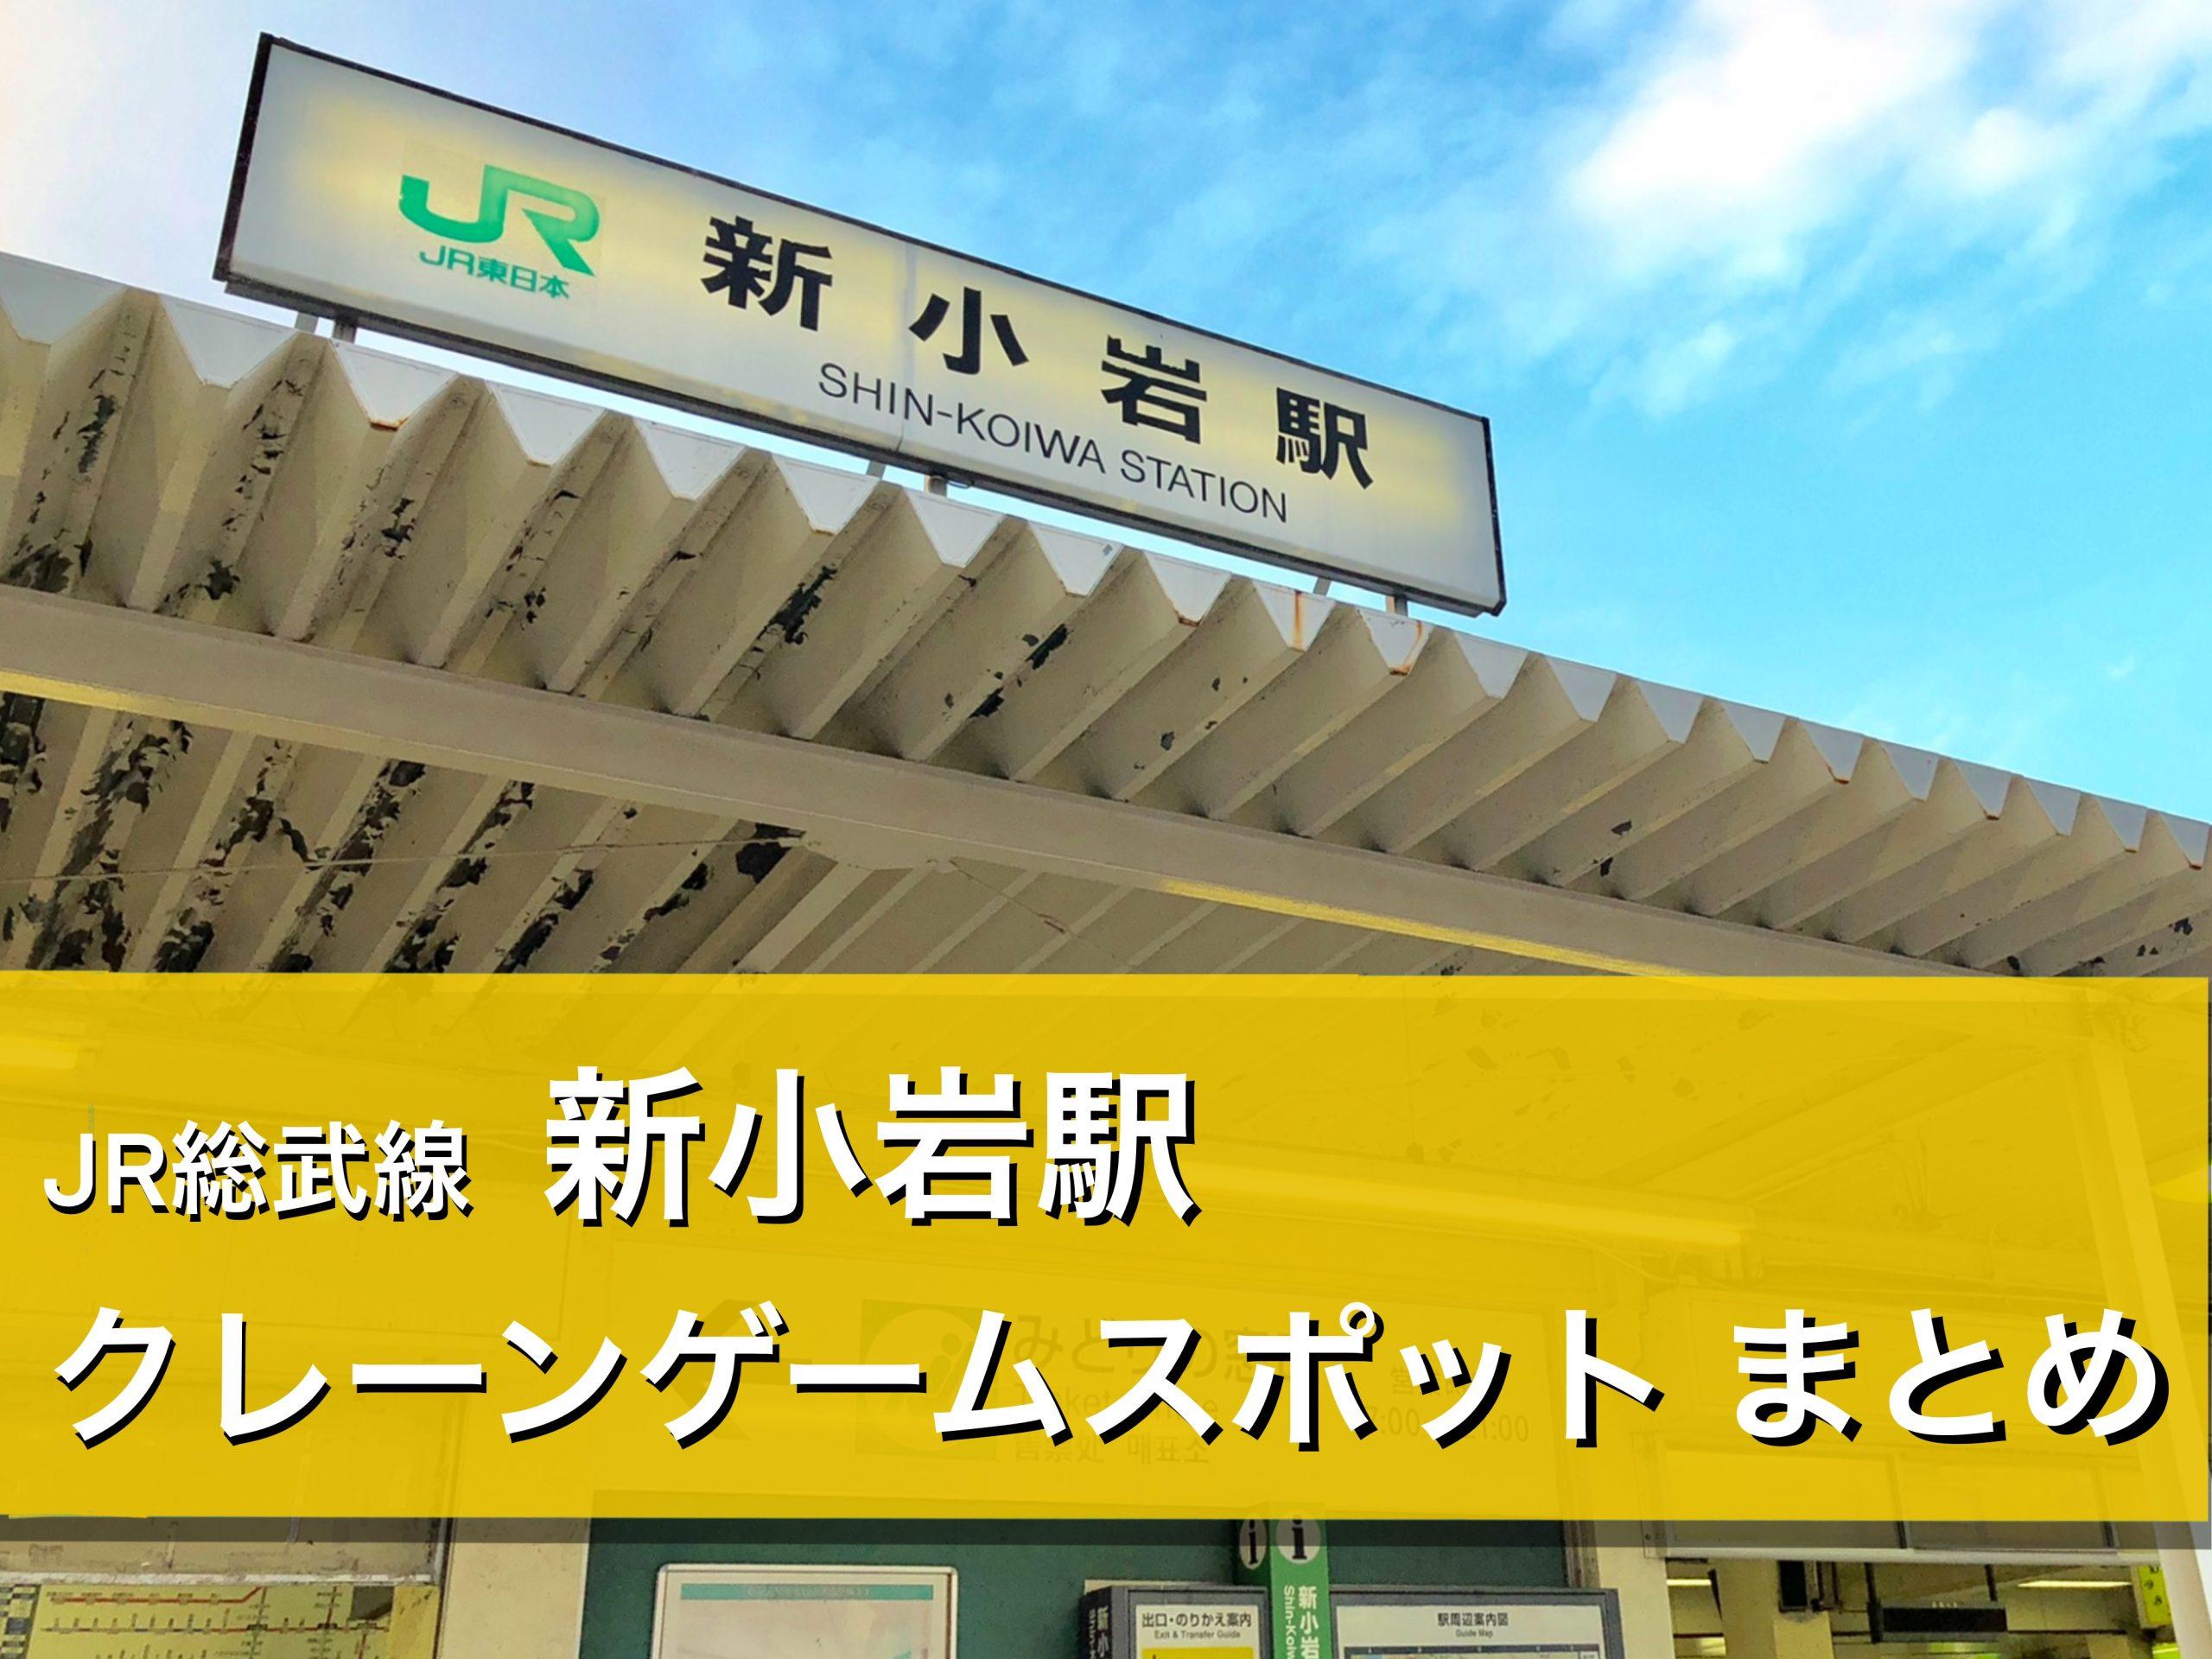 【新小岩駅】クレーンゲームができる場所